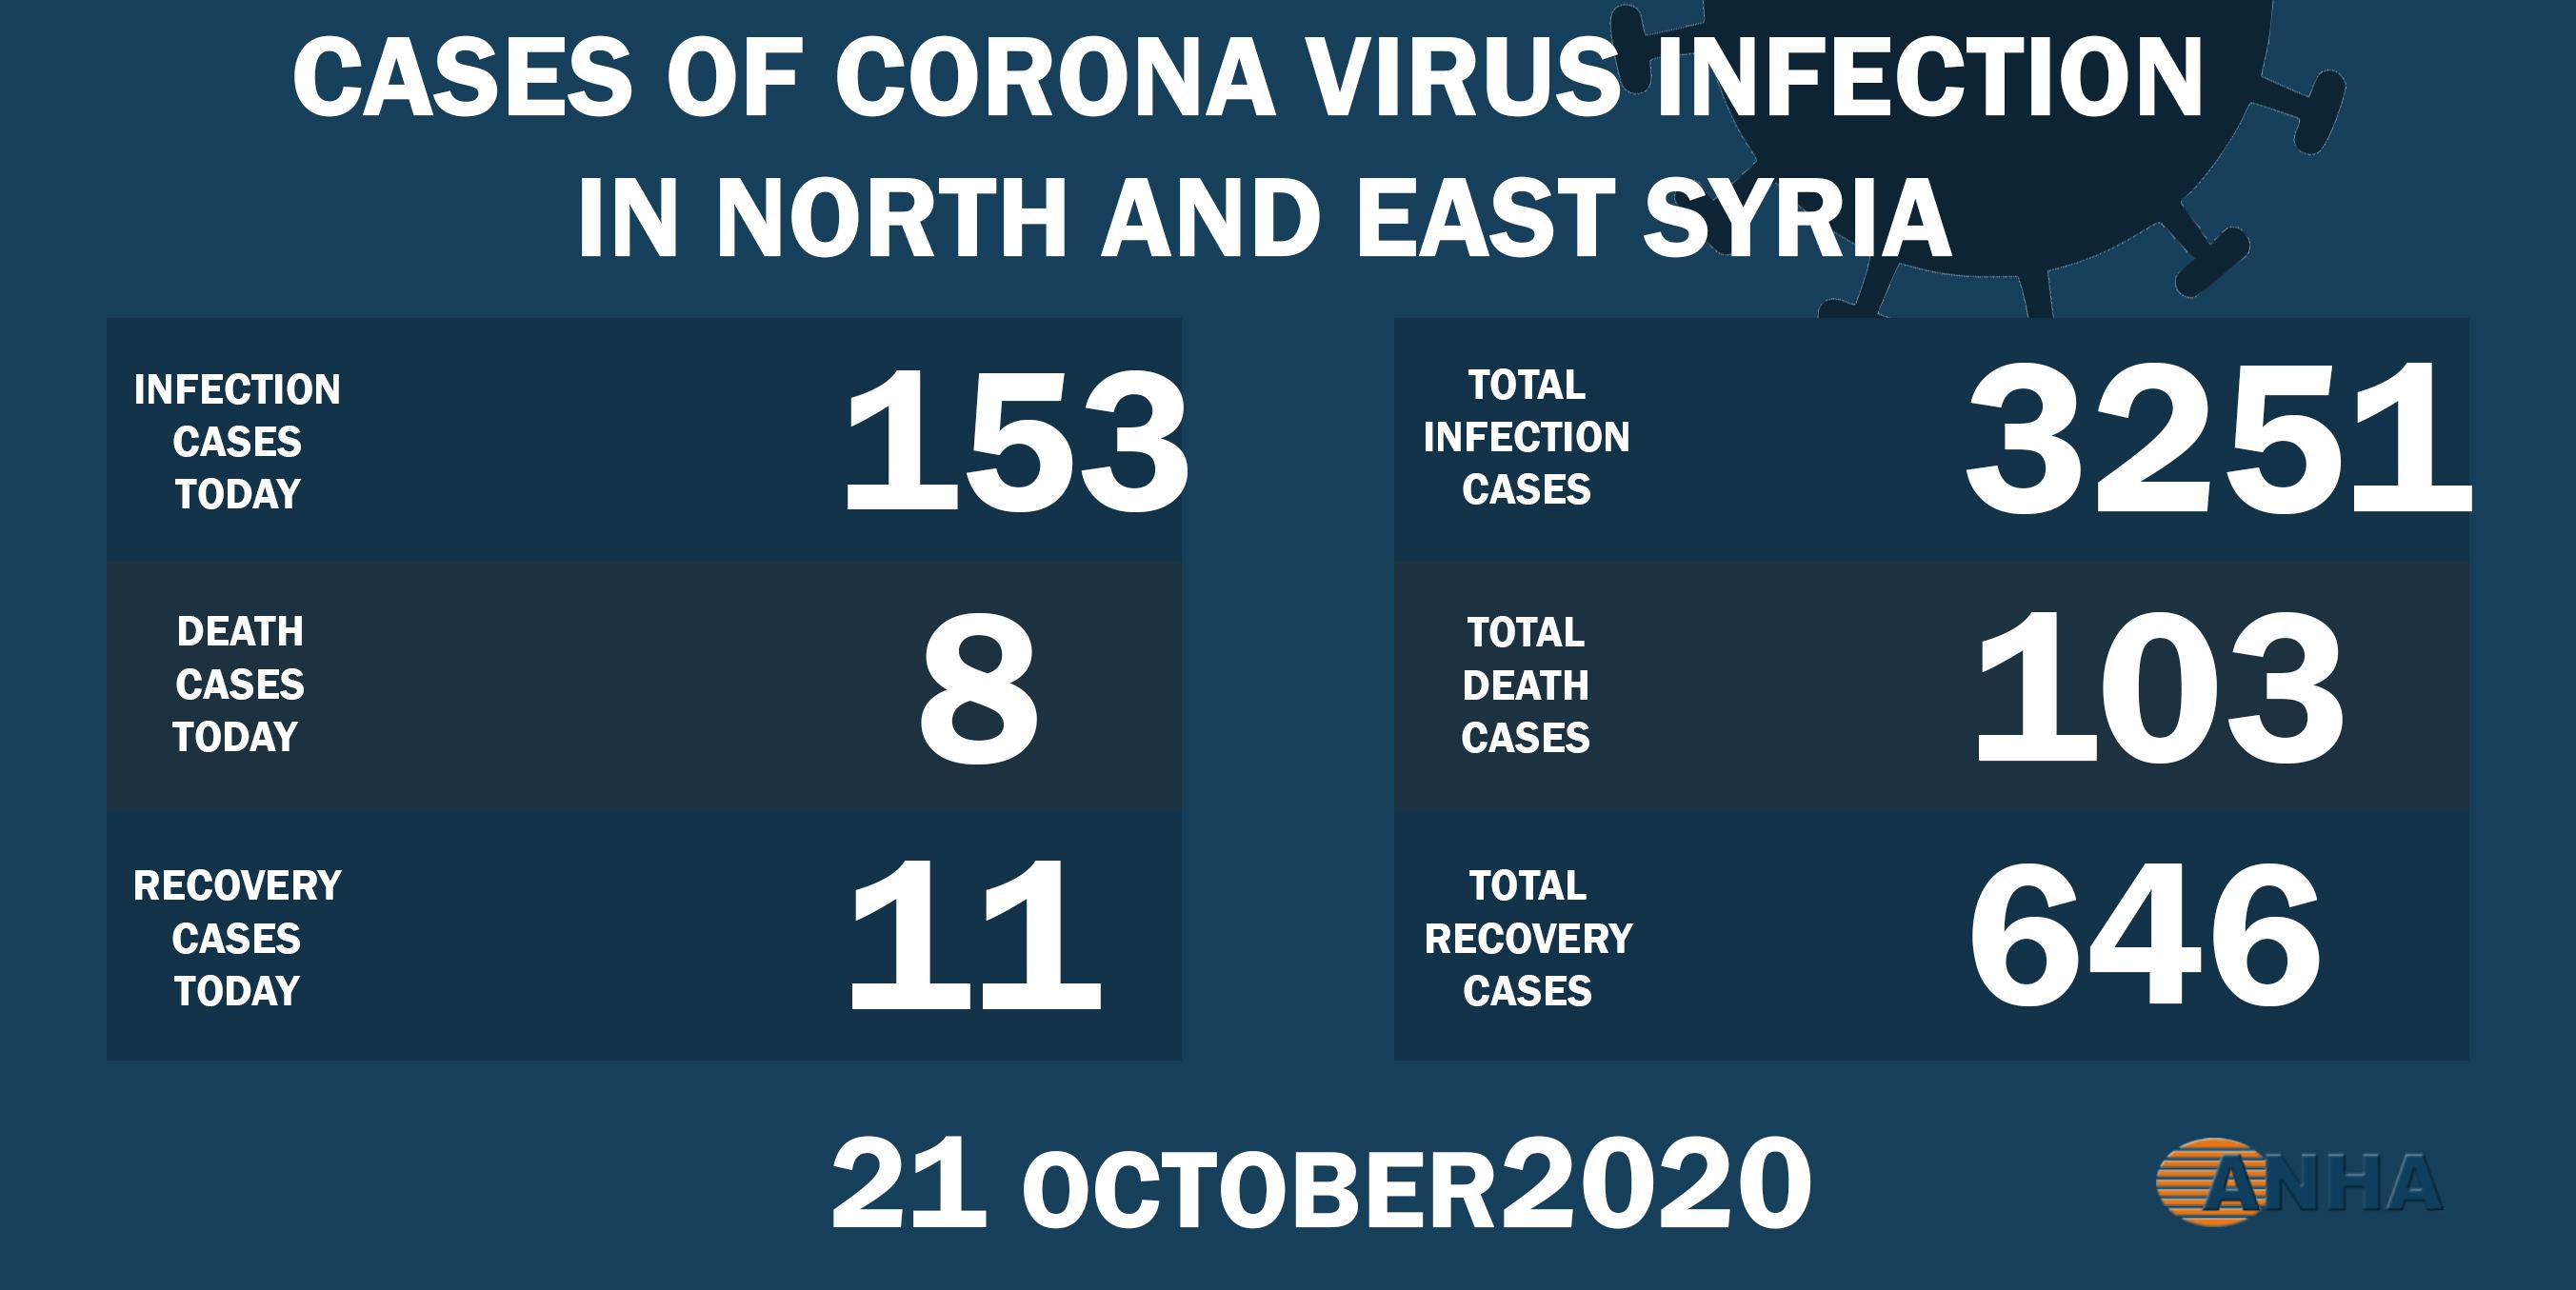 Число летальных исходов от COVID-19 в северо-восточной Сирии возросло до 103